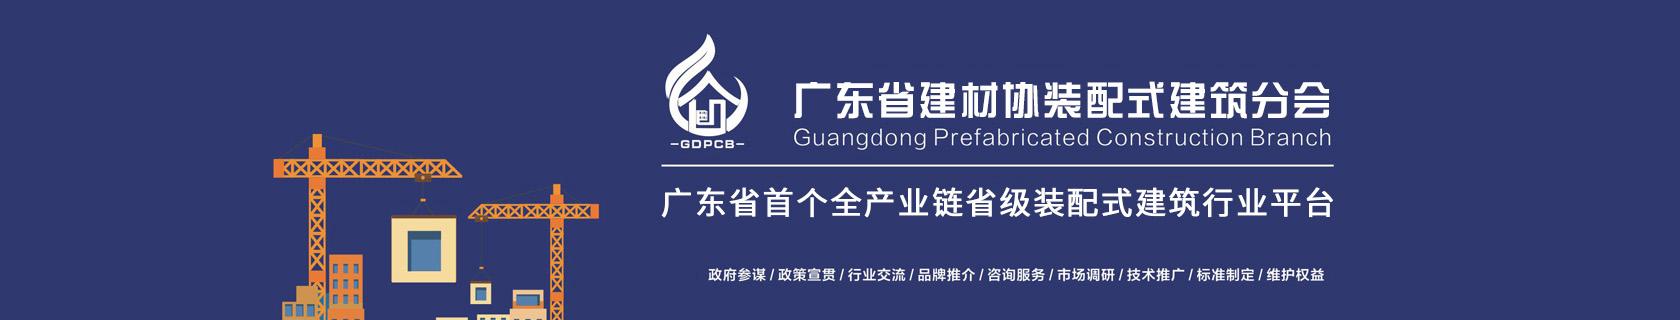 广东省装配式建筑分会